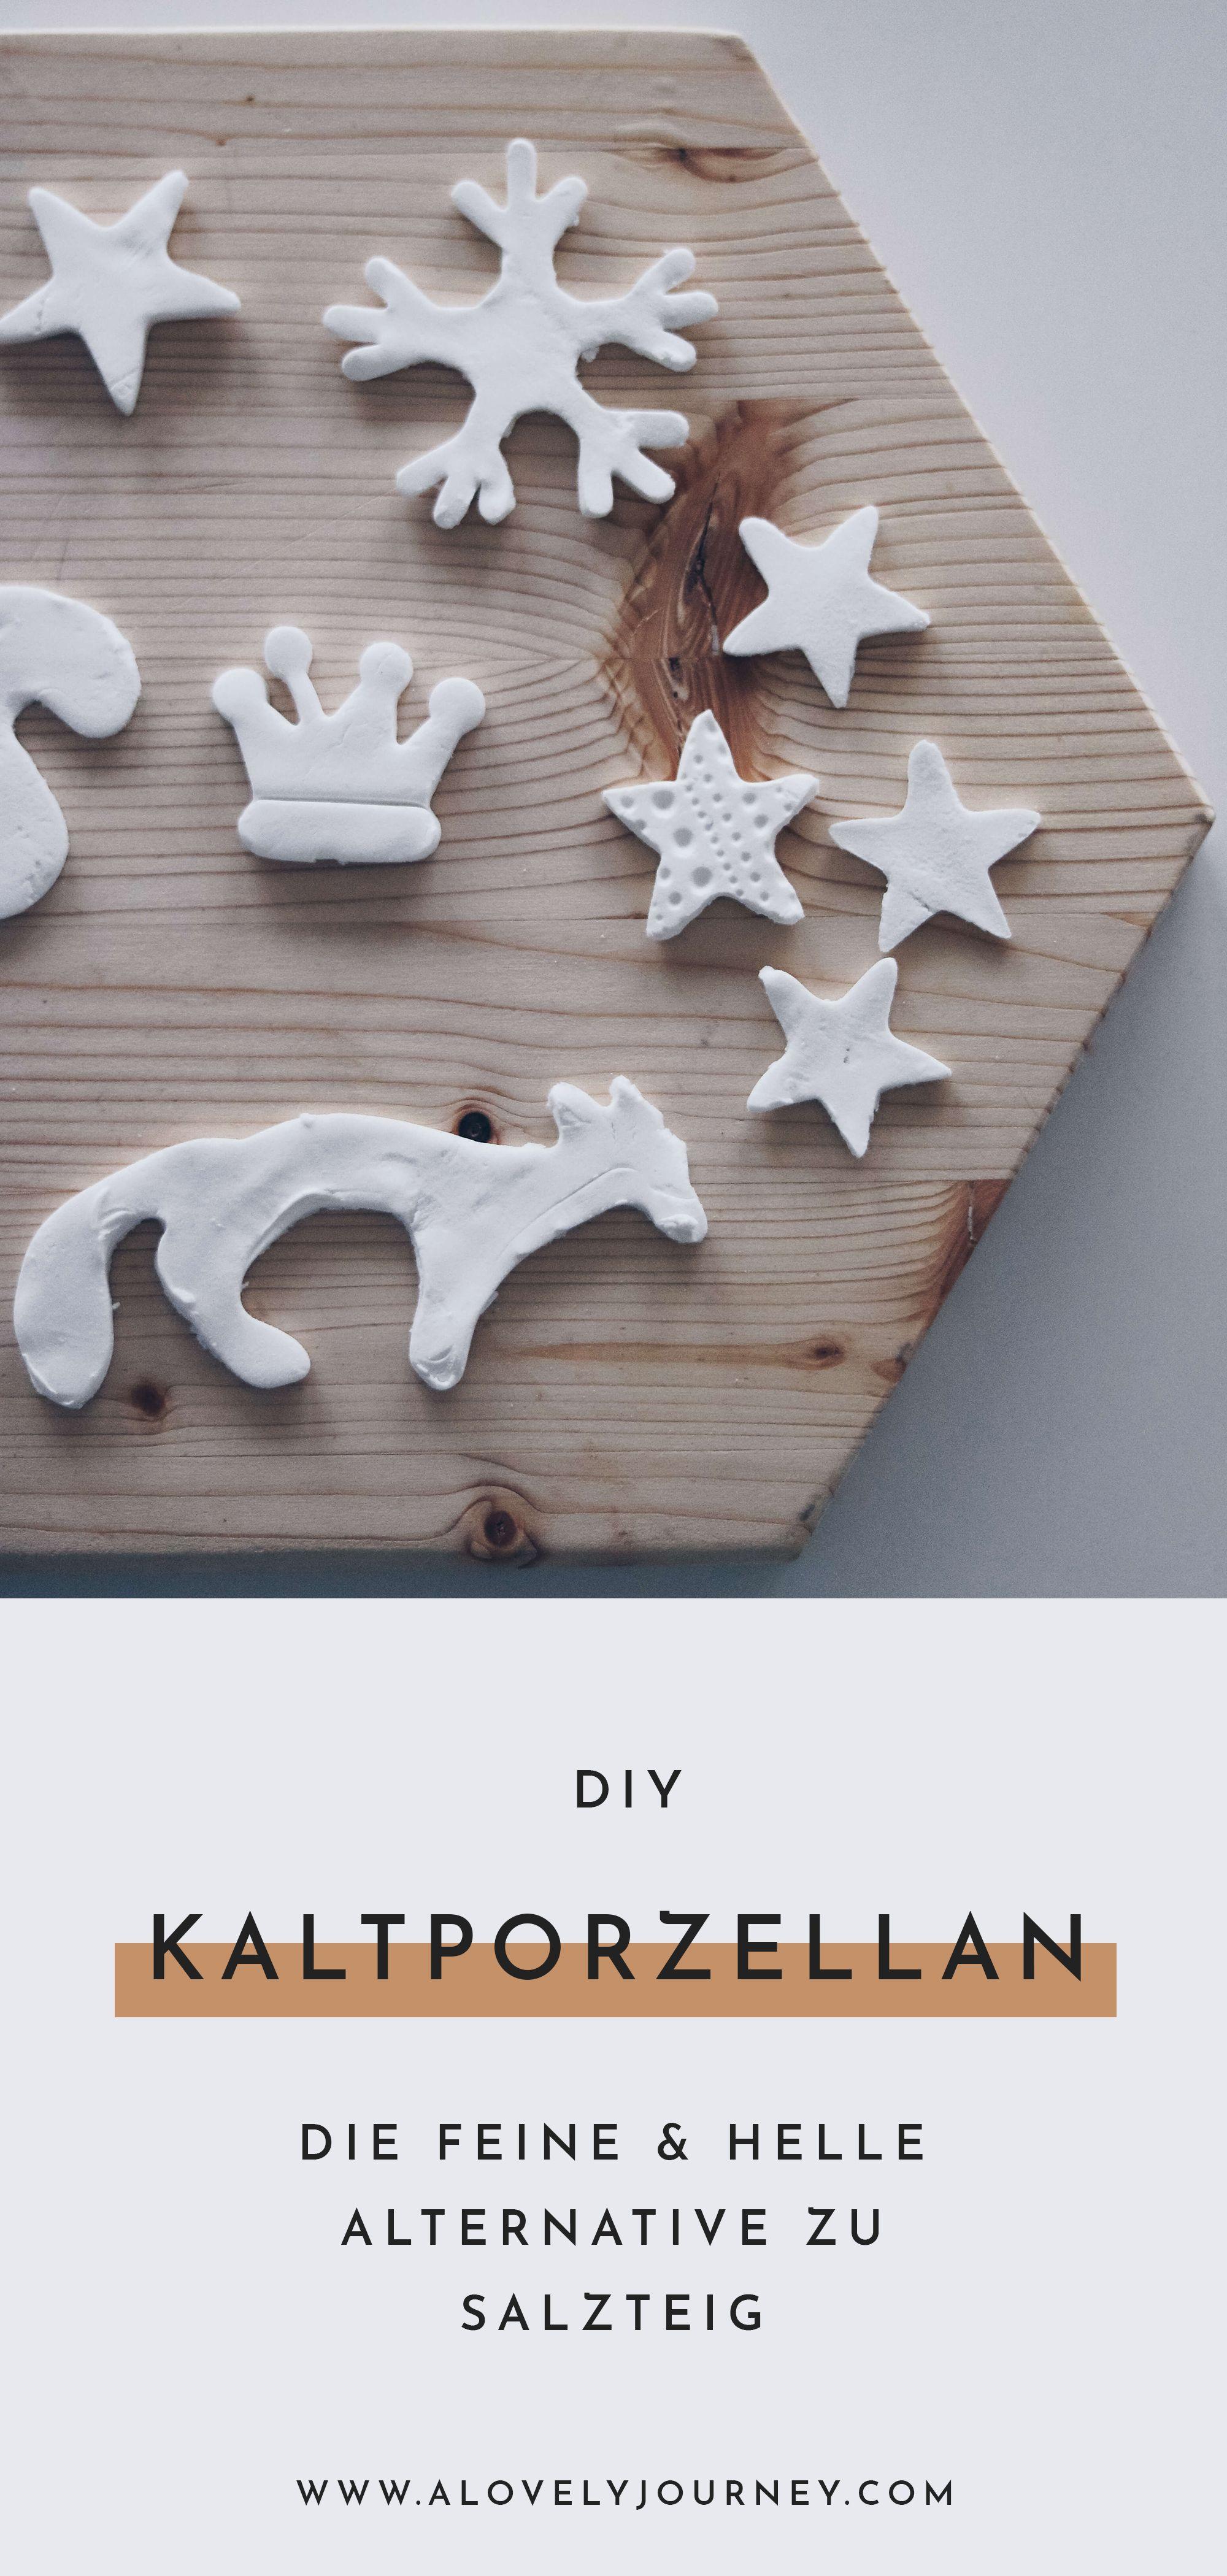 Basteln im Advent: Kaltporzellan selbst machen mit 3 Zutaten #weihnachtsbastelnmitkindernunter3